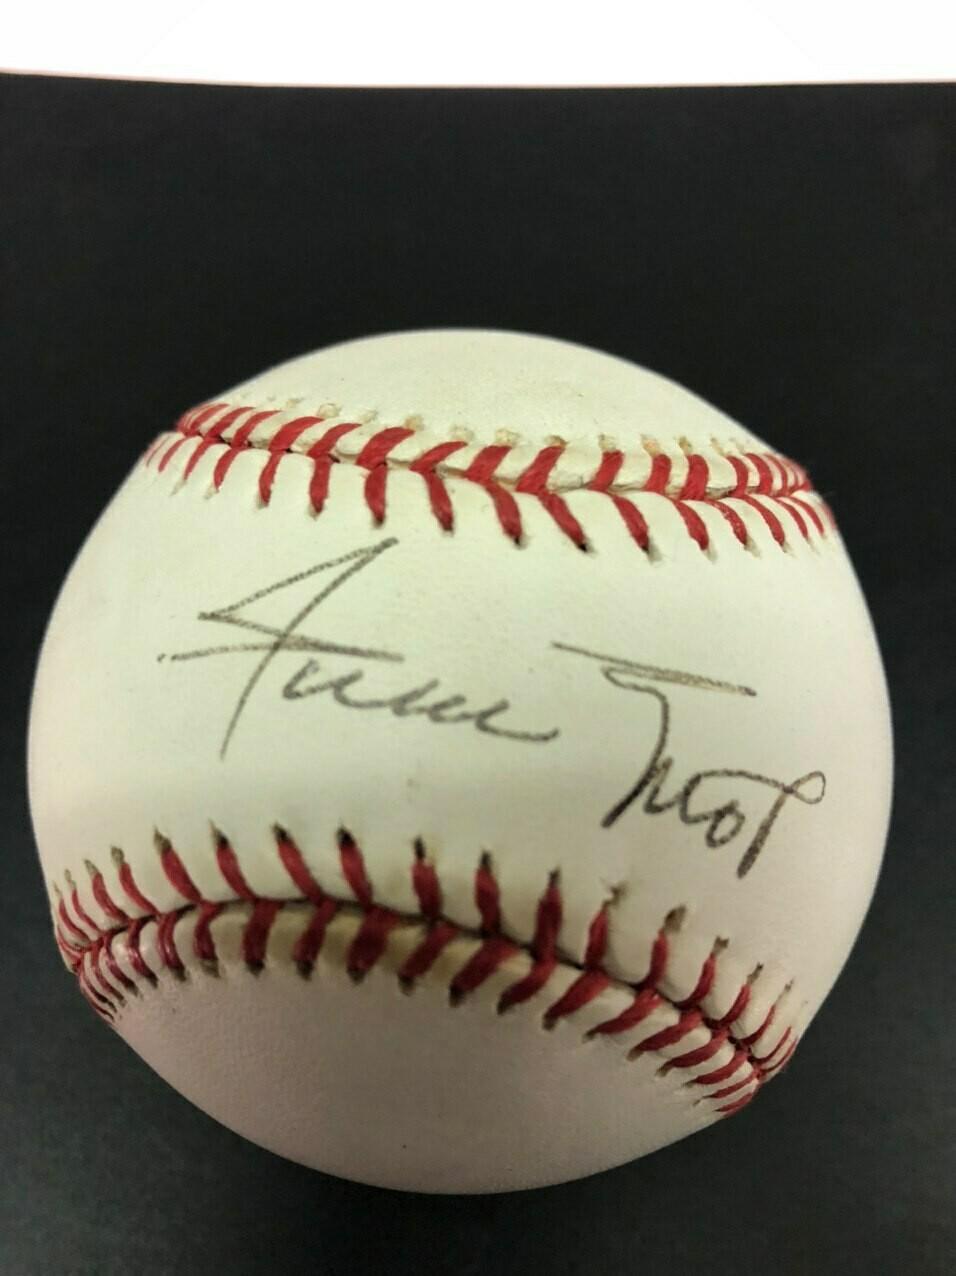 Willie Mays Signed Baseball - Steiner Cert.